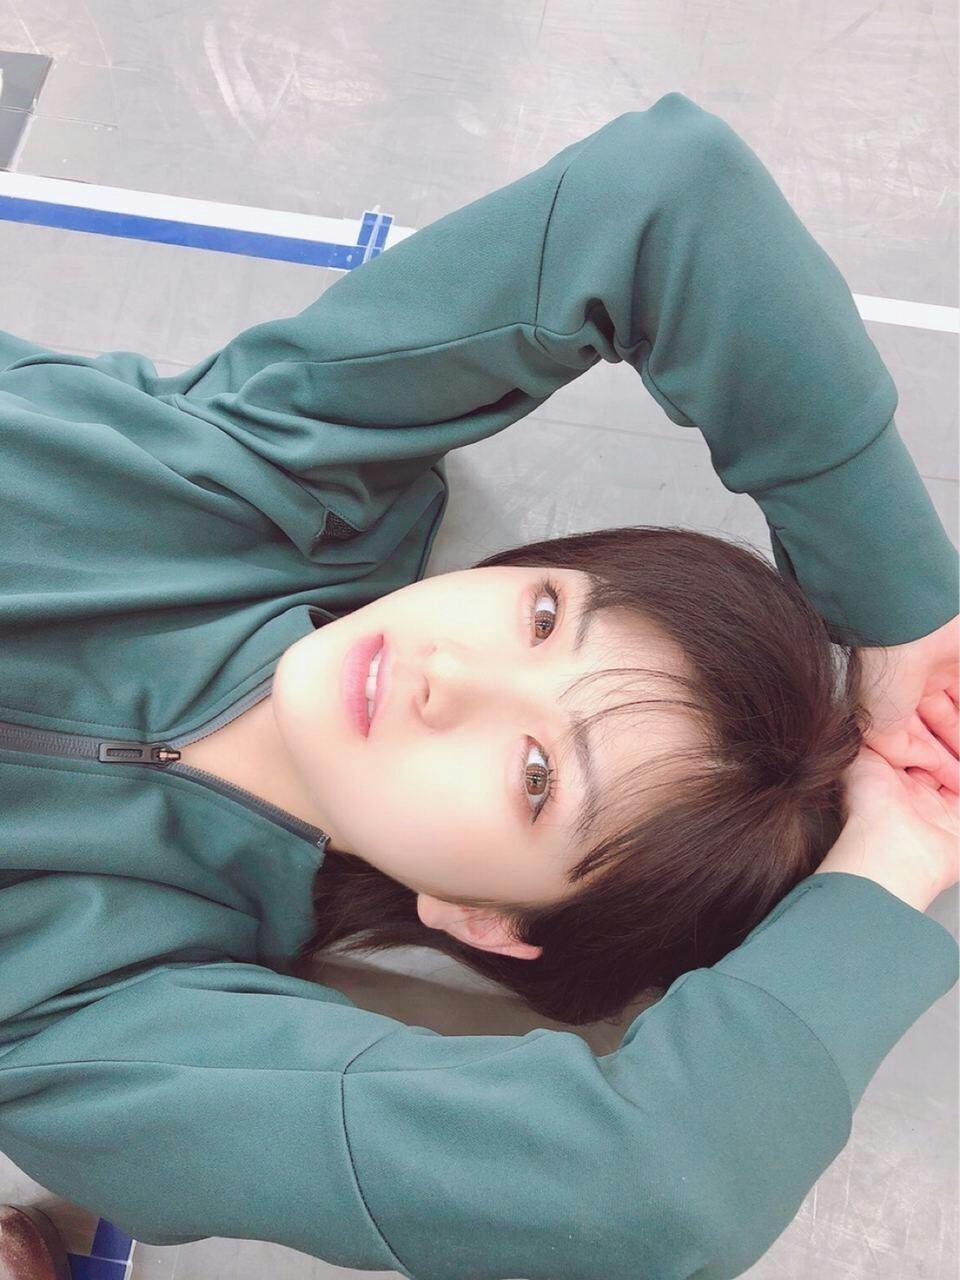 岡田奈々寝転んで可愛い表情